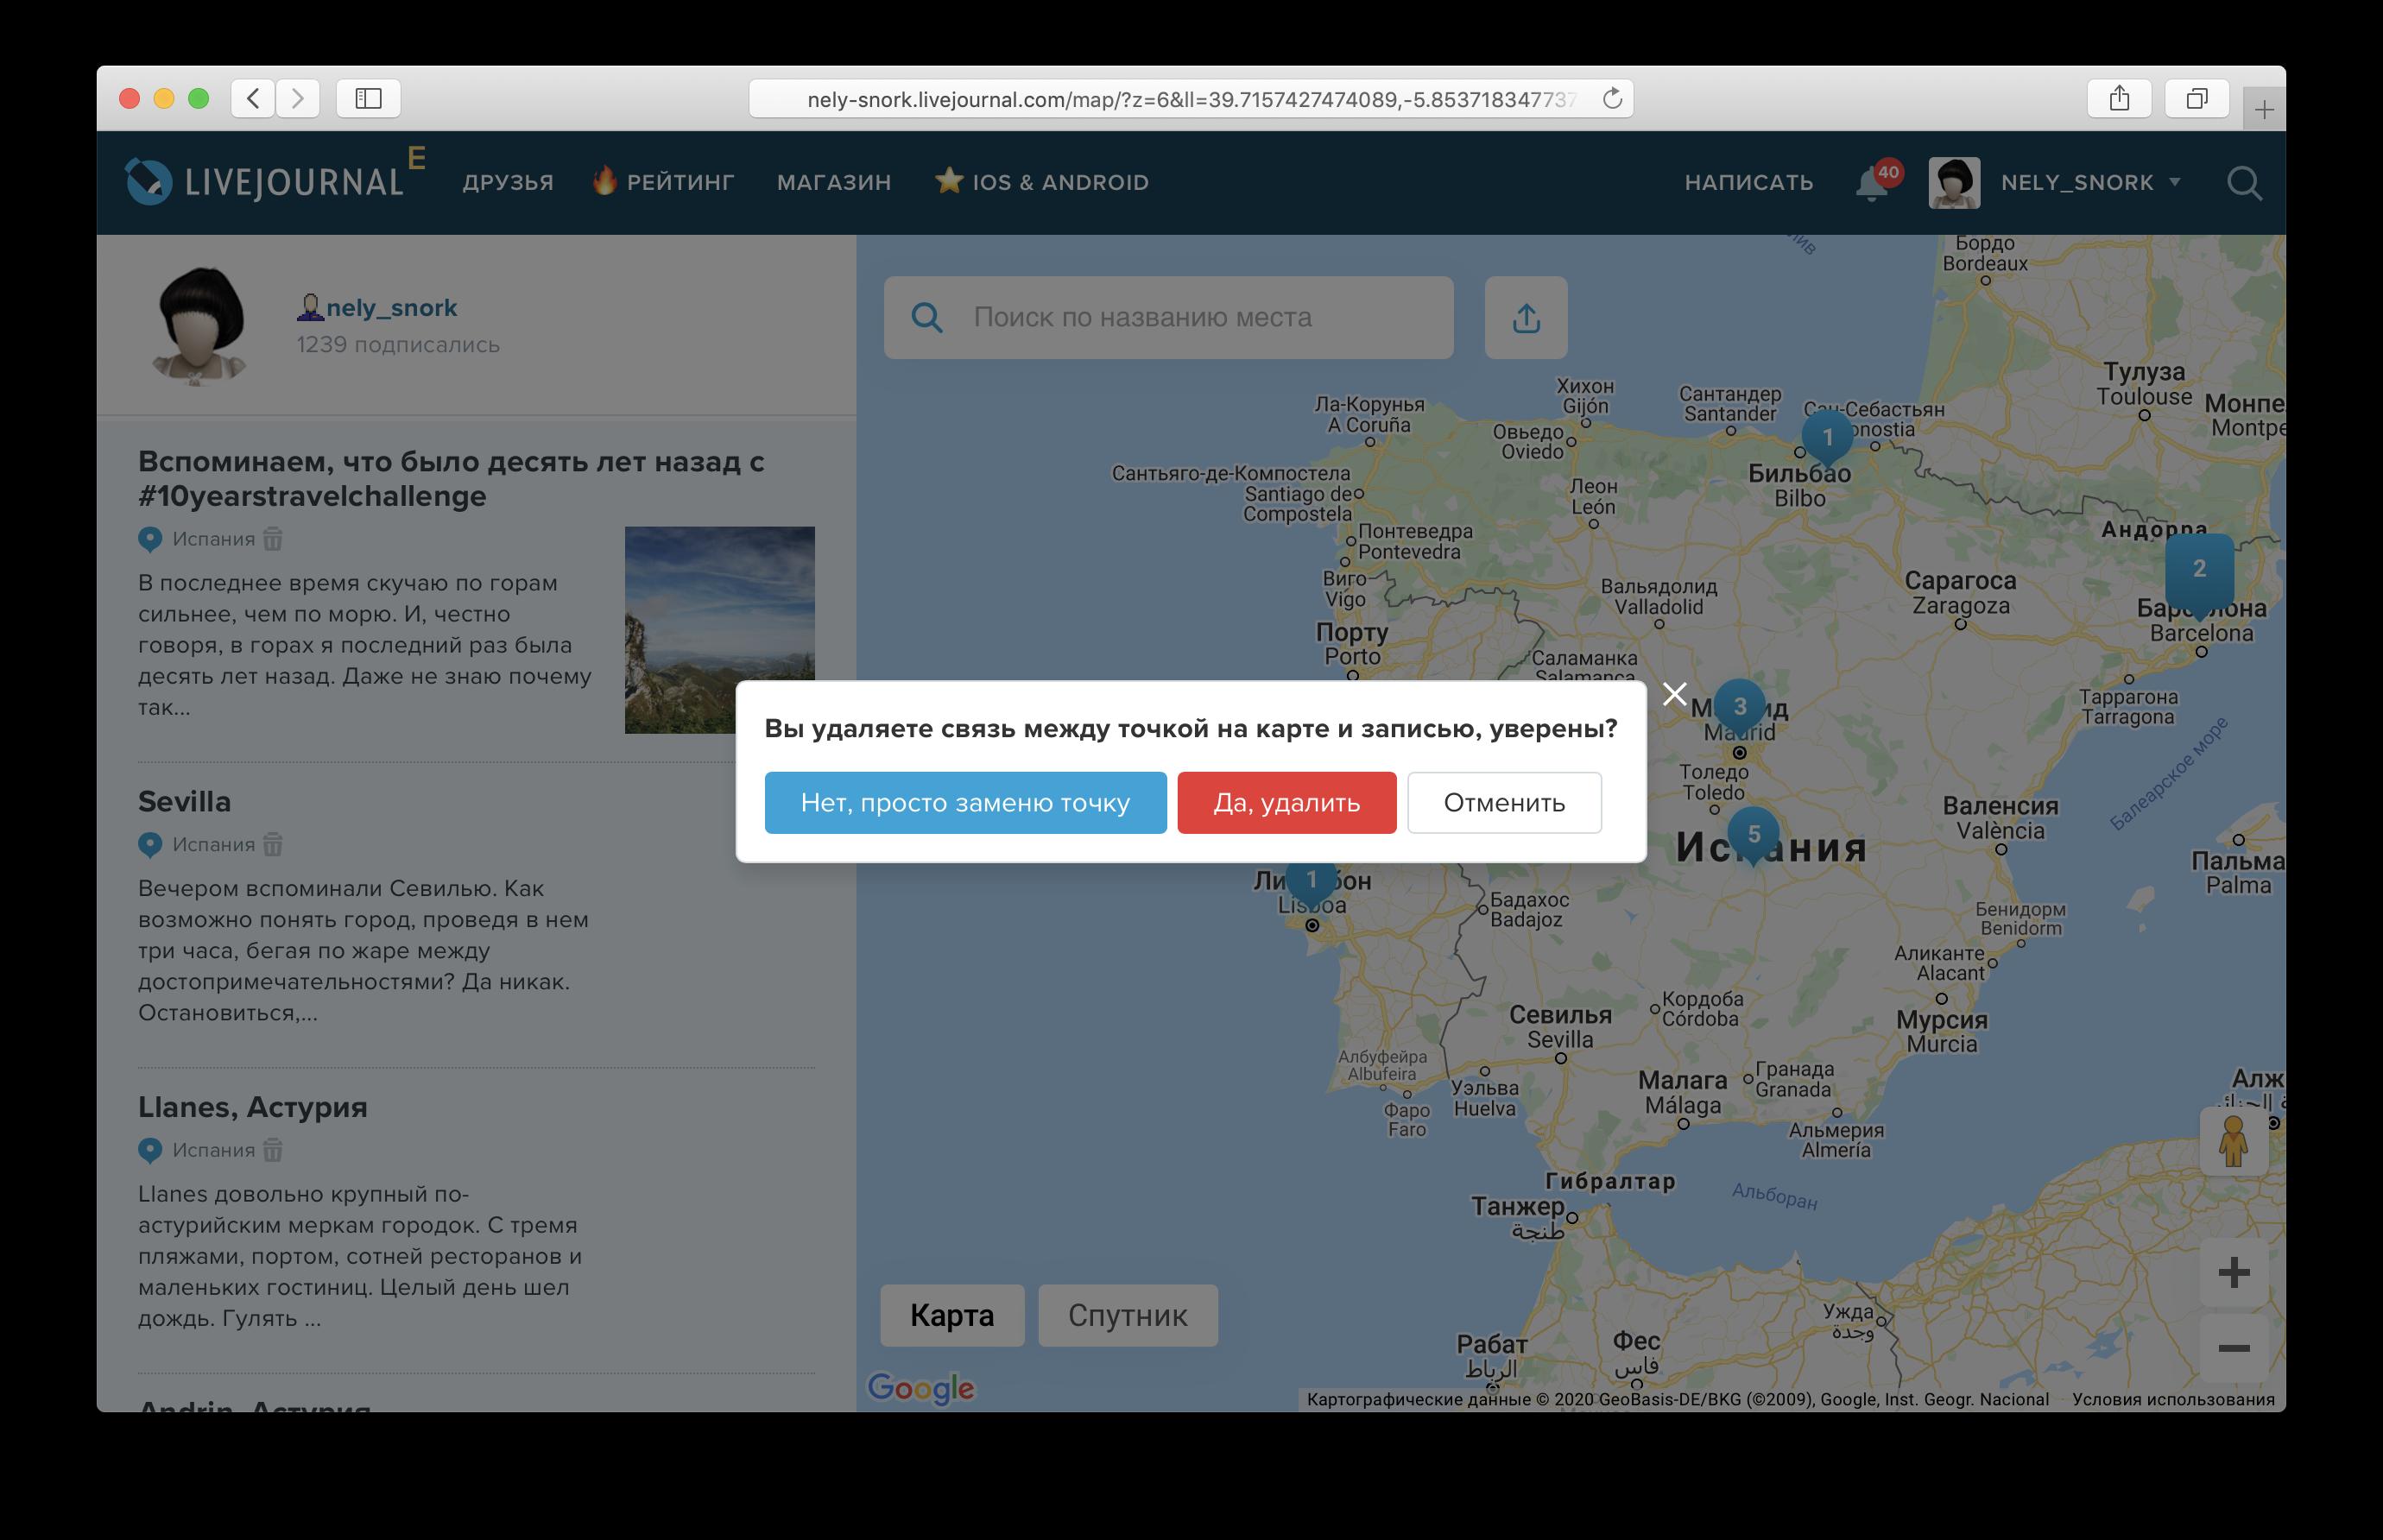 Удаление и редактирование точек на карте